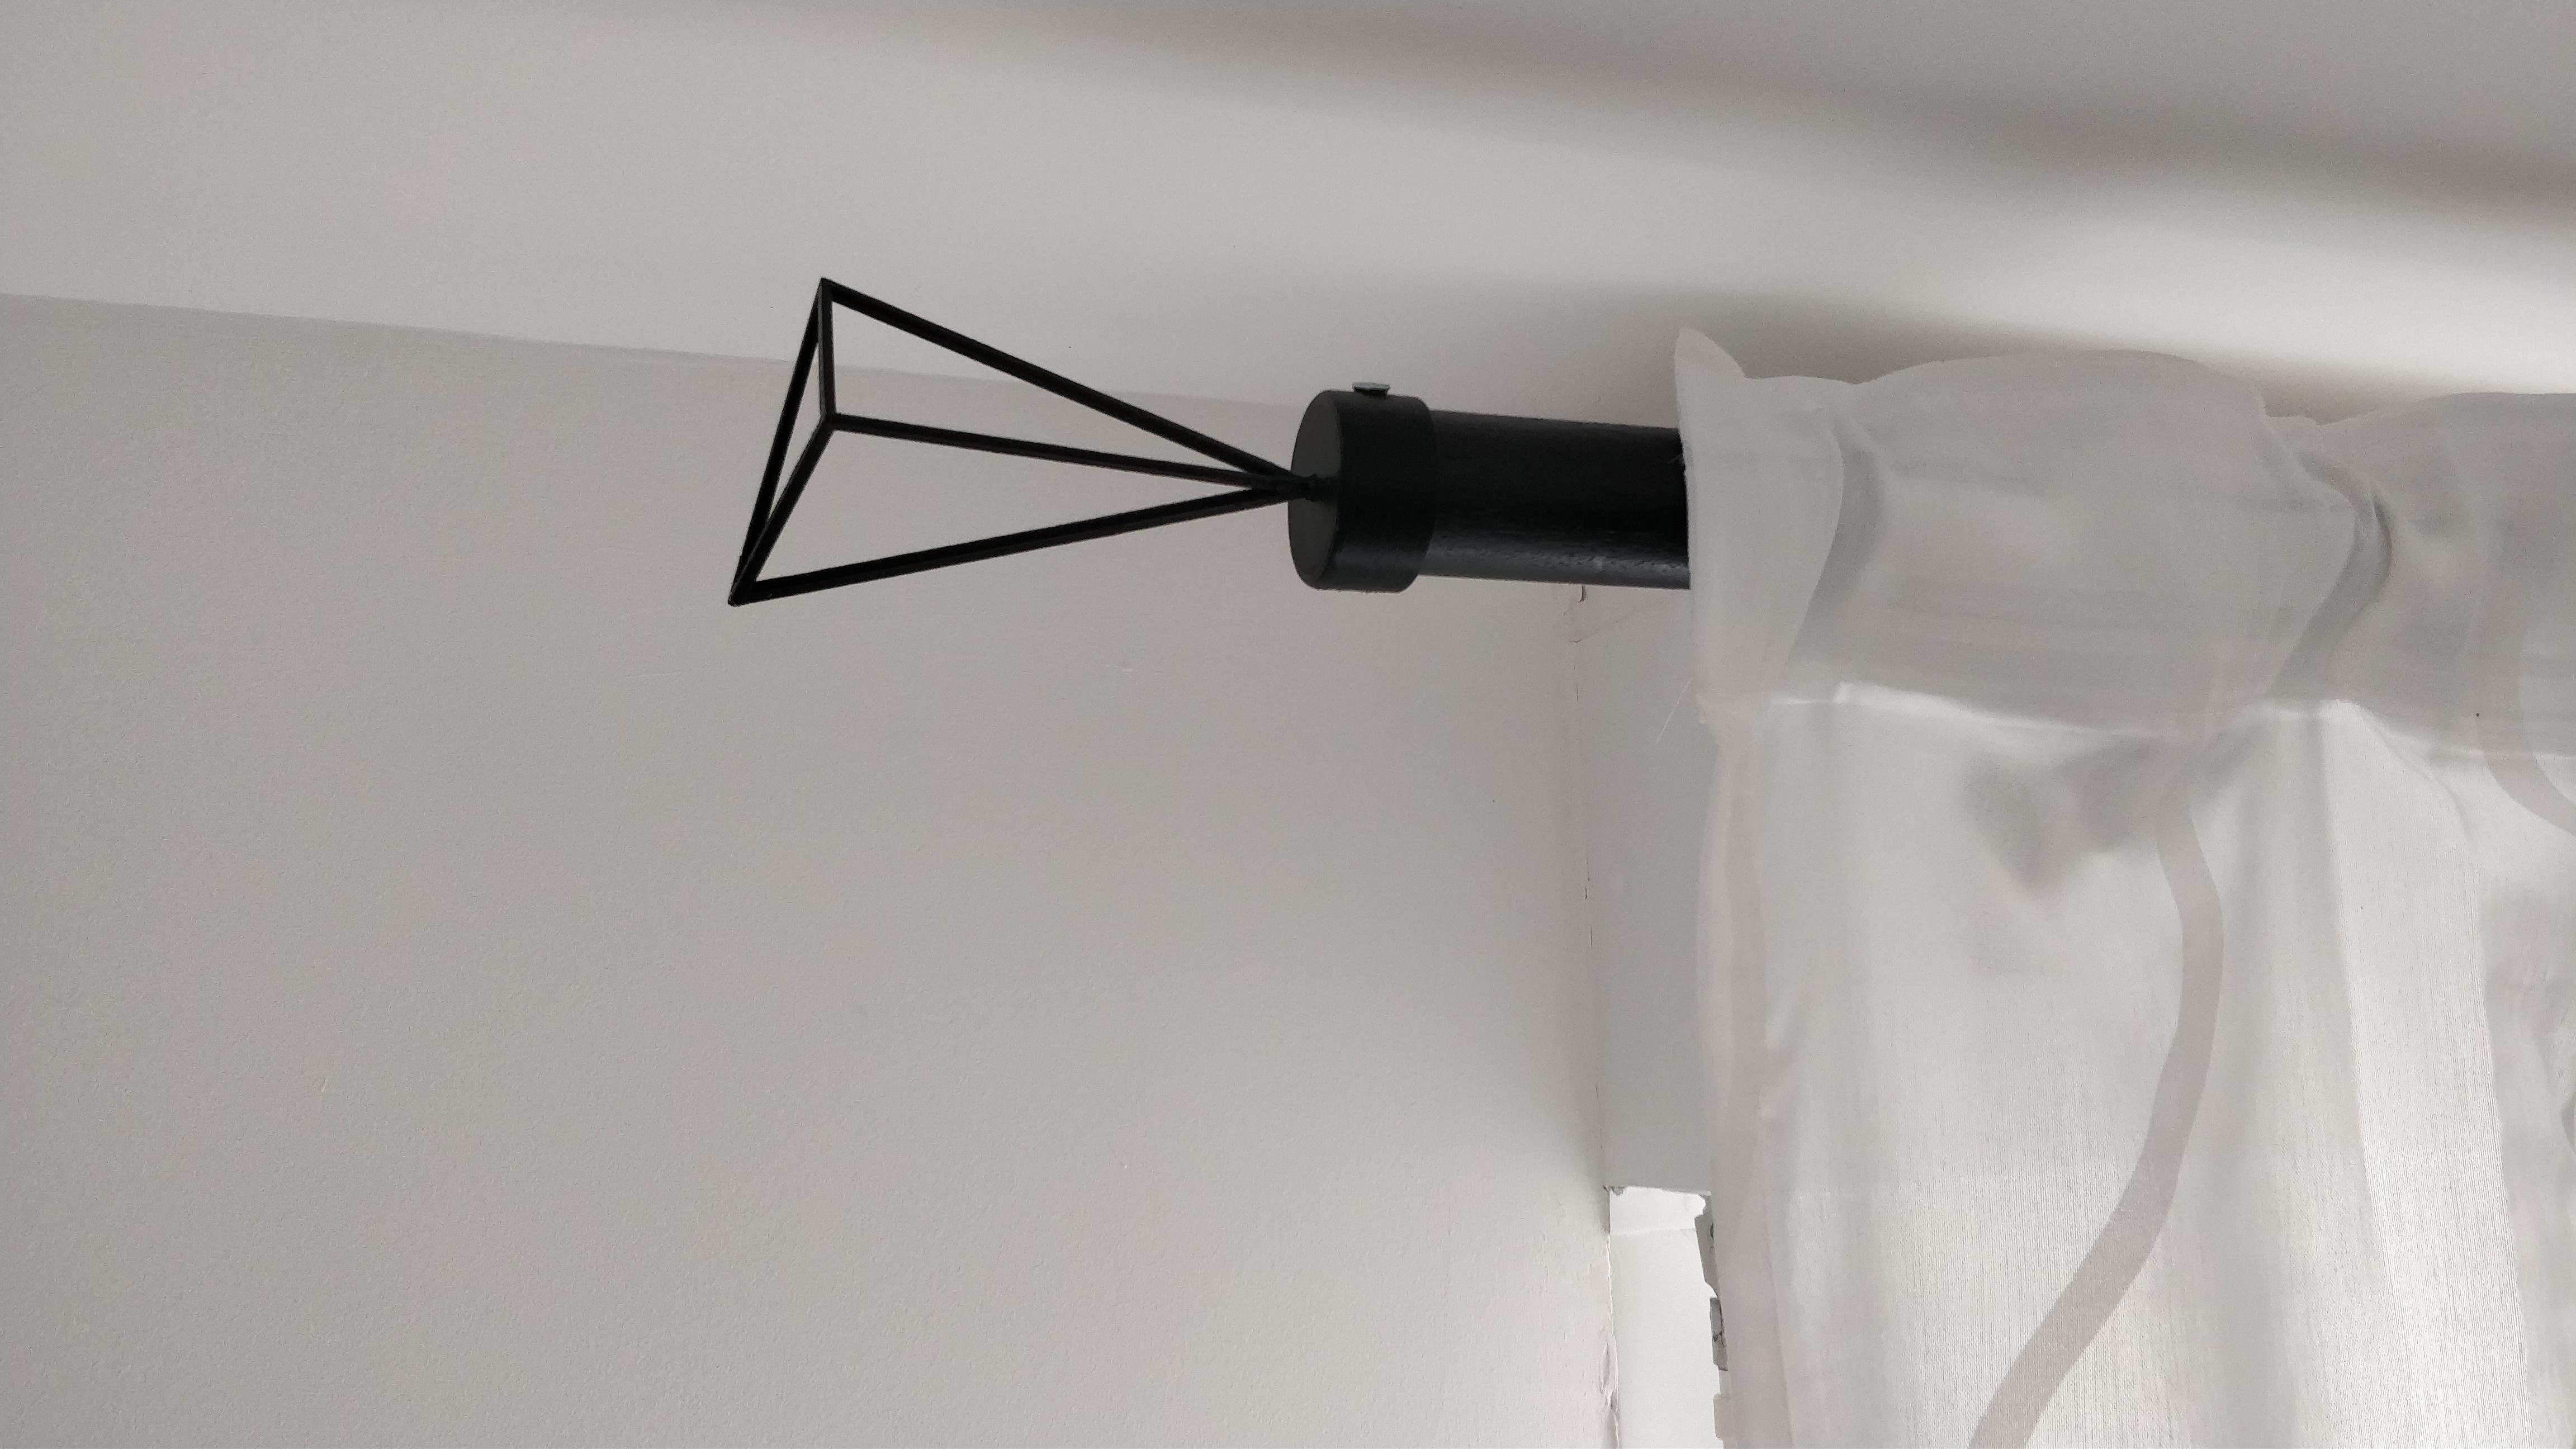 Rideau Caisson Volet Roulant fixation barre de rideaubastien37 - thingiverse